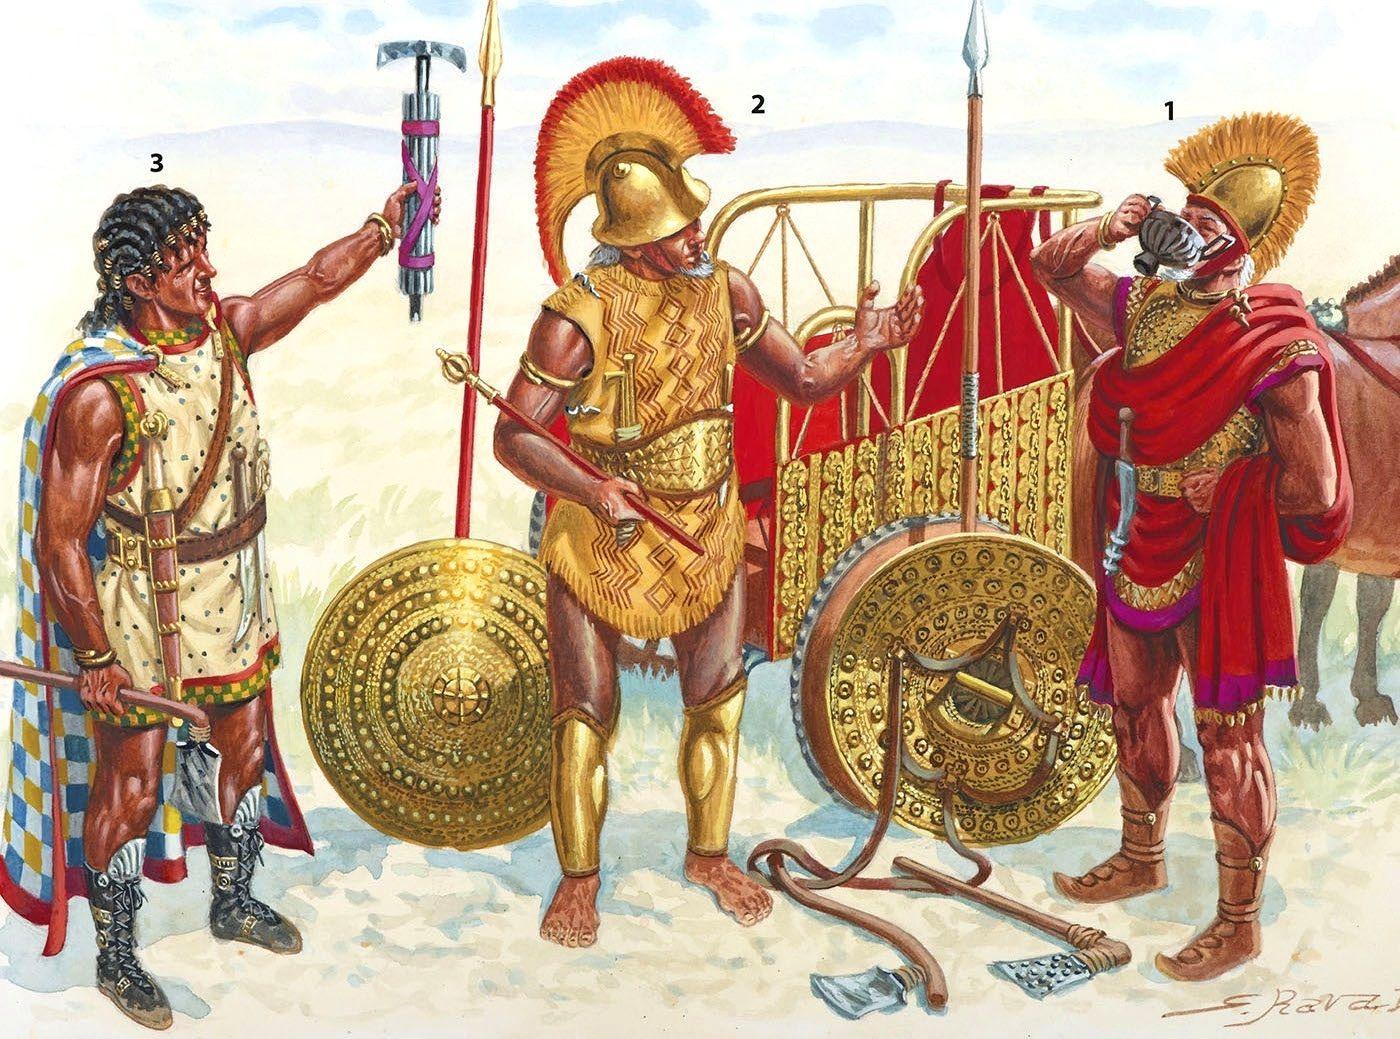 C Periodo Orientalizante Norte De Etruria Septimo Siglo Antes De Cristo 1 El Fallecido Lider De Villanova Ancient Warfare Greek Soldier Ancient Warriors